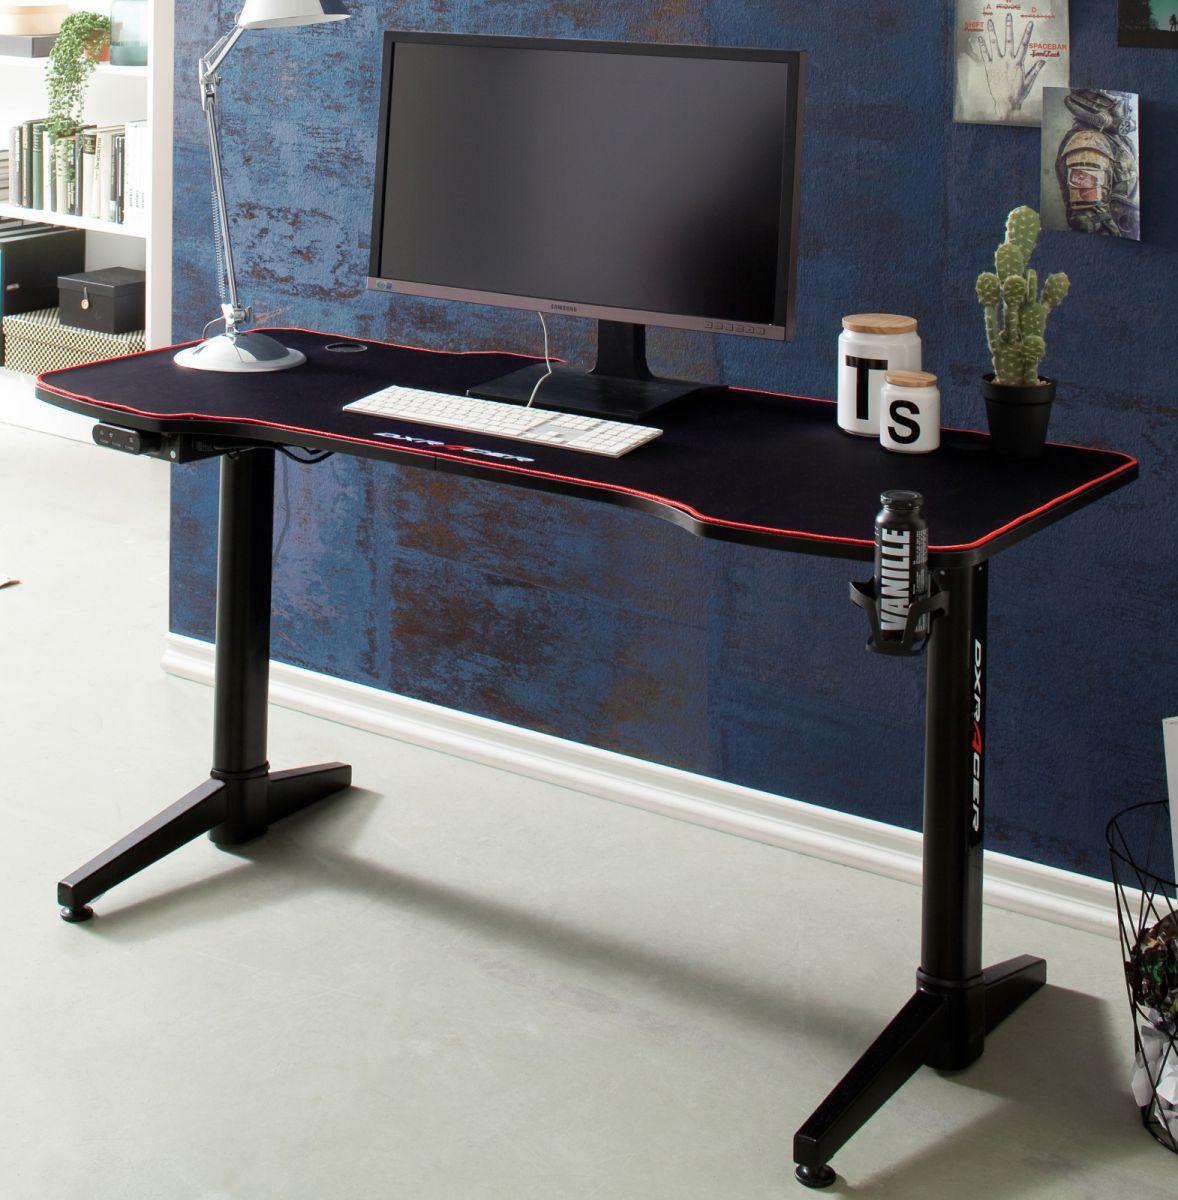 Gamingtisch DX-Racer in schwarz elektrisch höhenverstellbar 140 cm